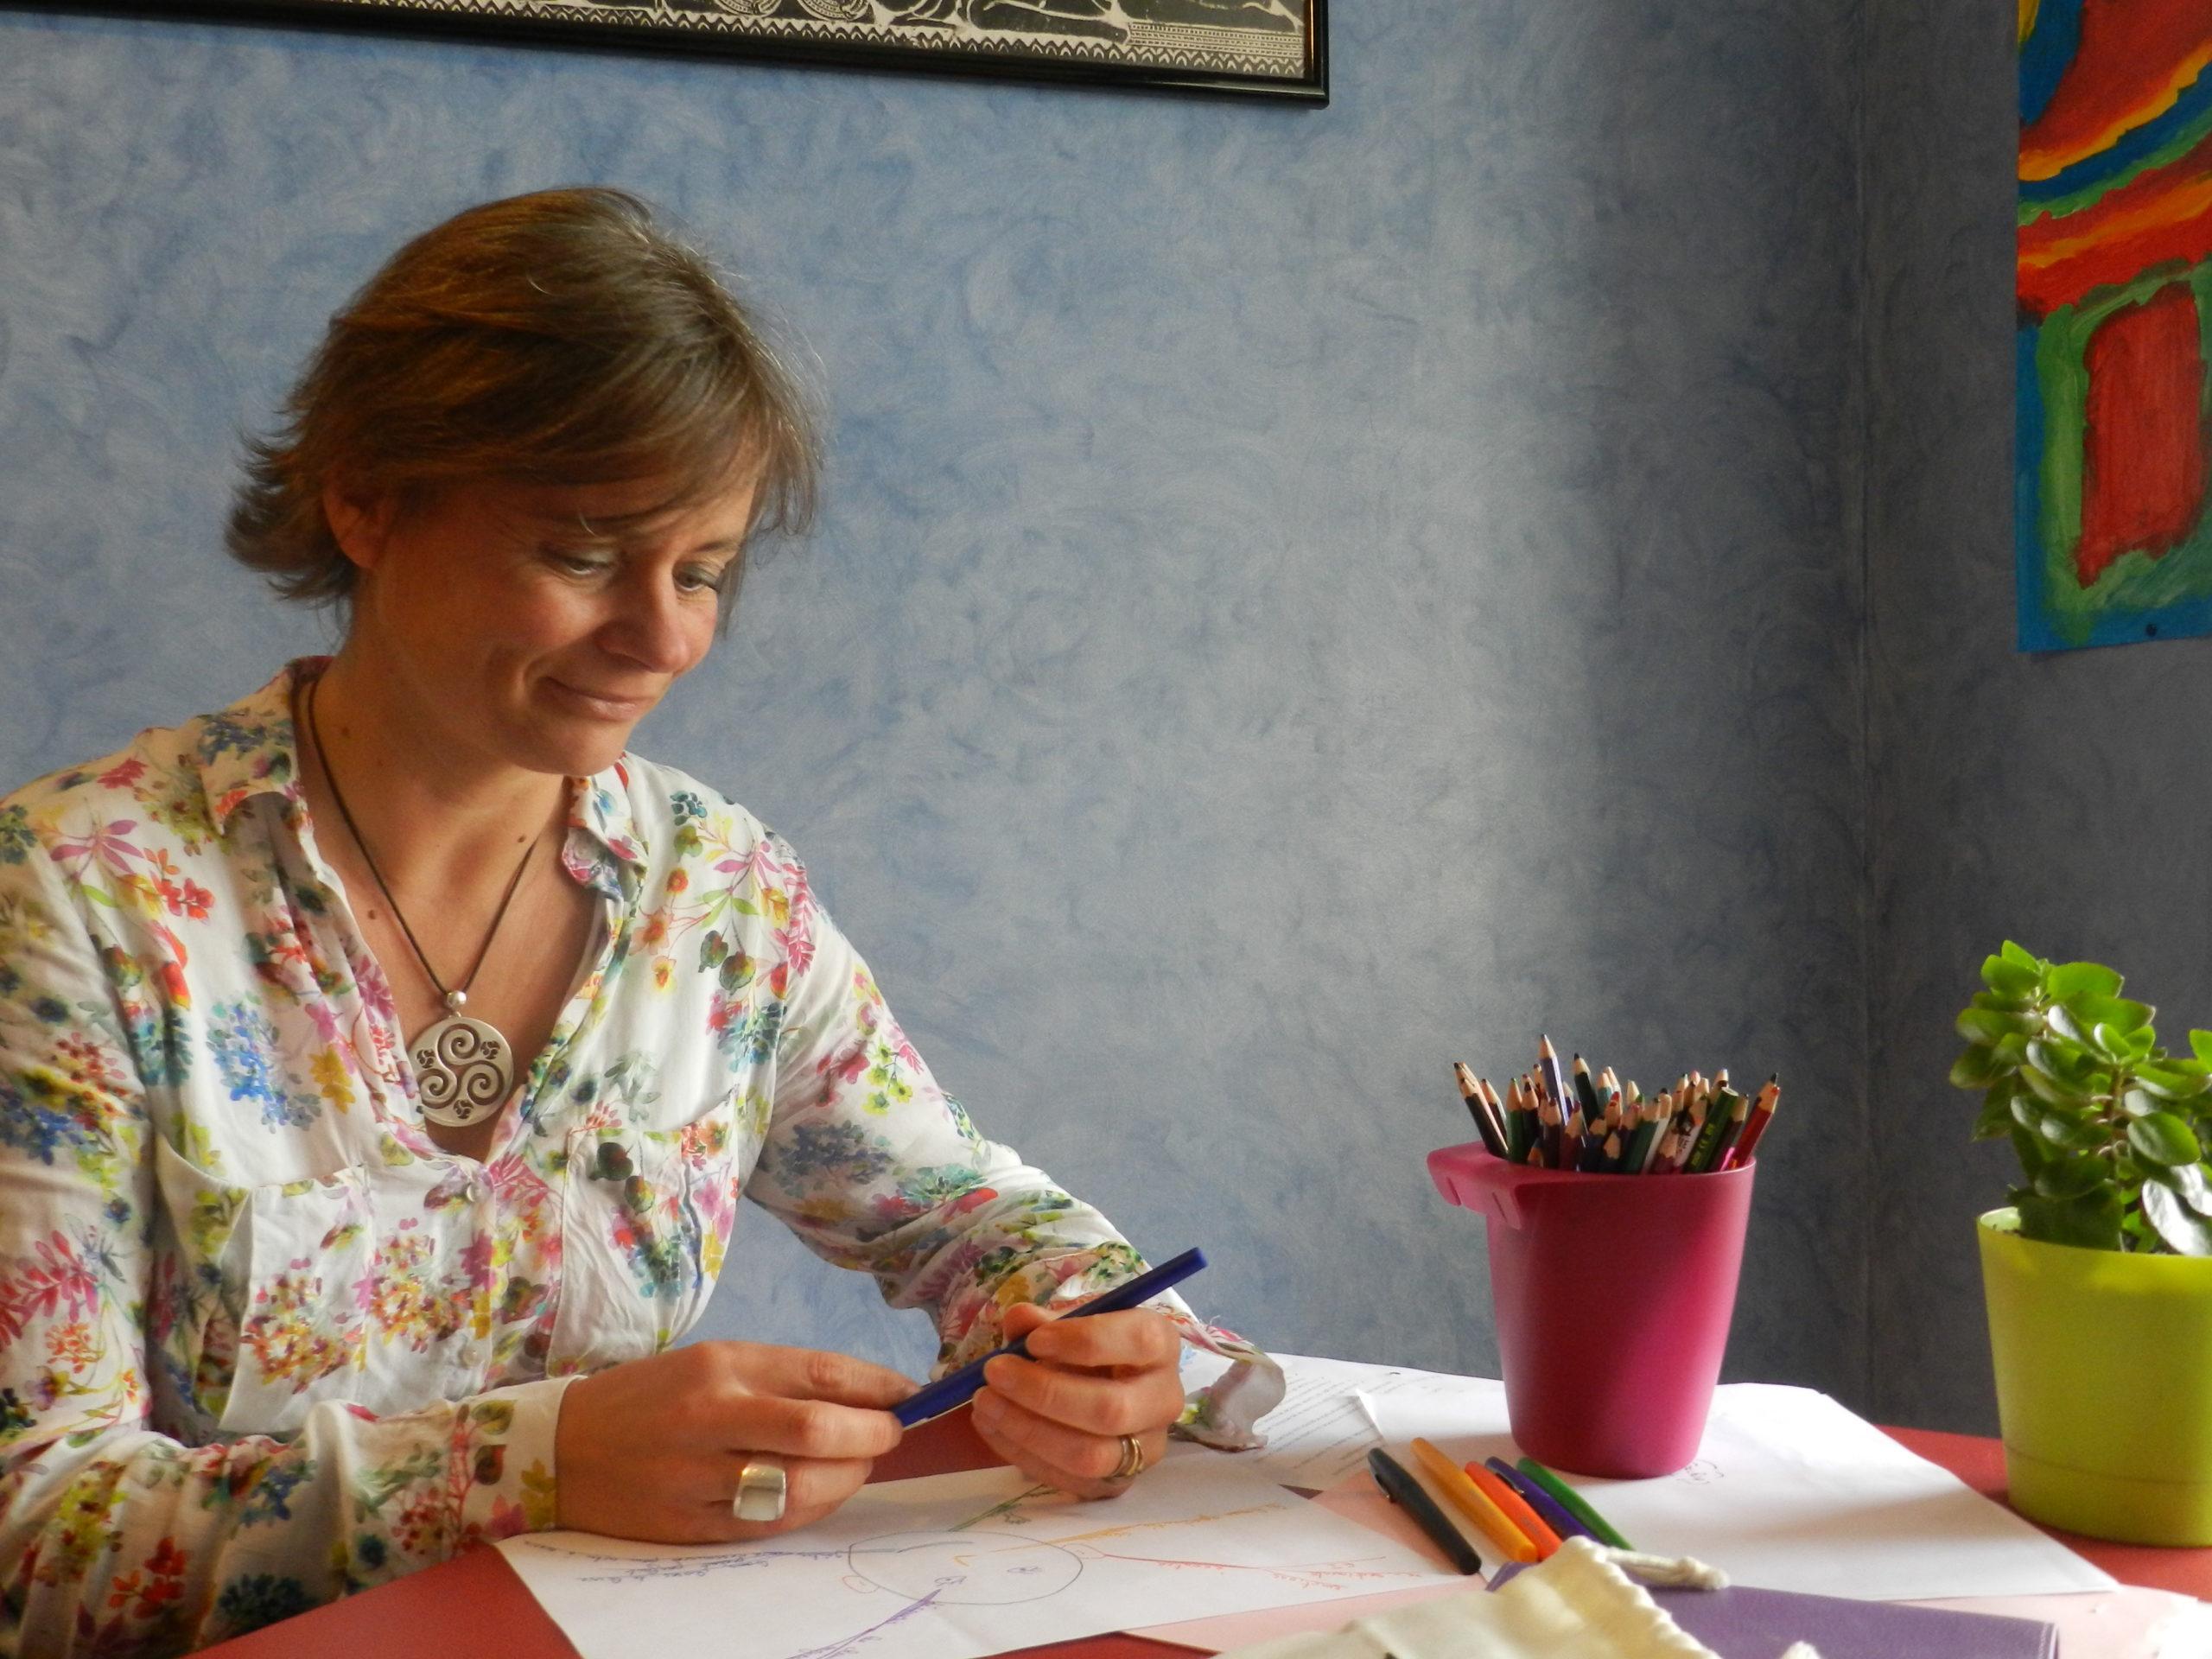 Conférencière en intelligence de vie - Irène SAUNIER